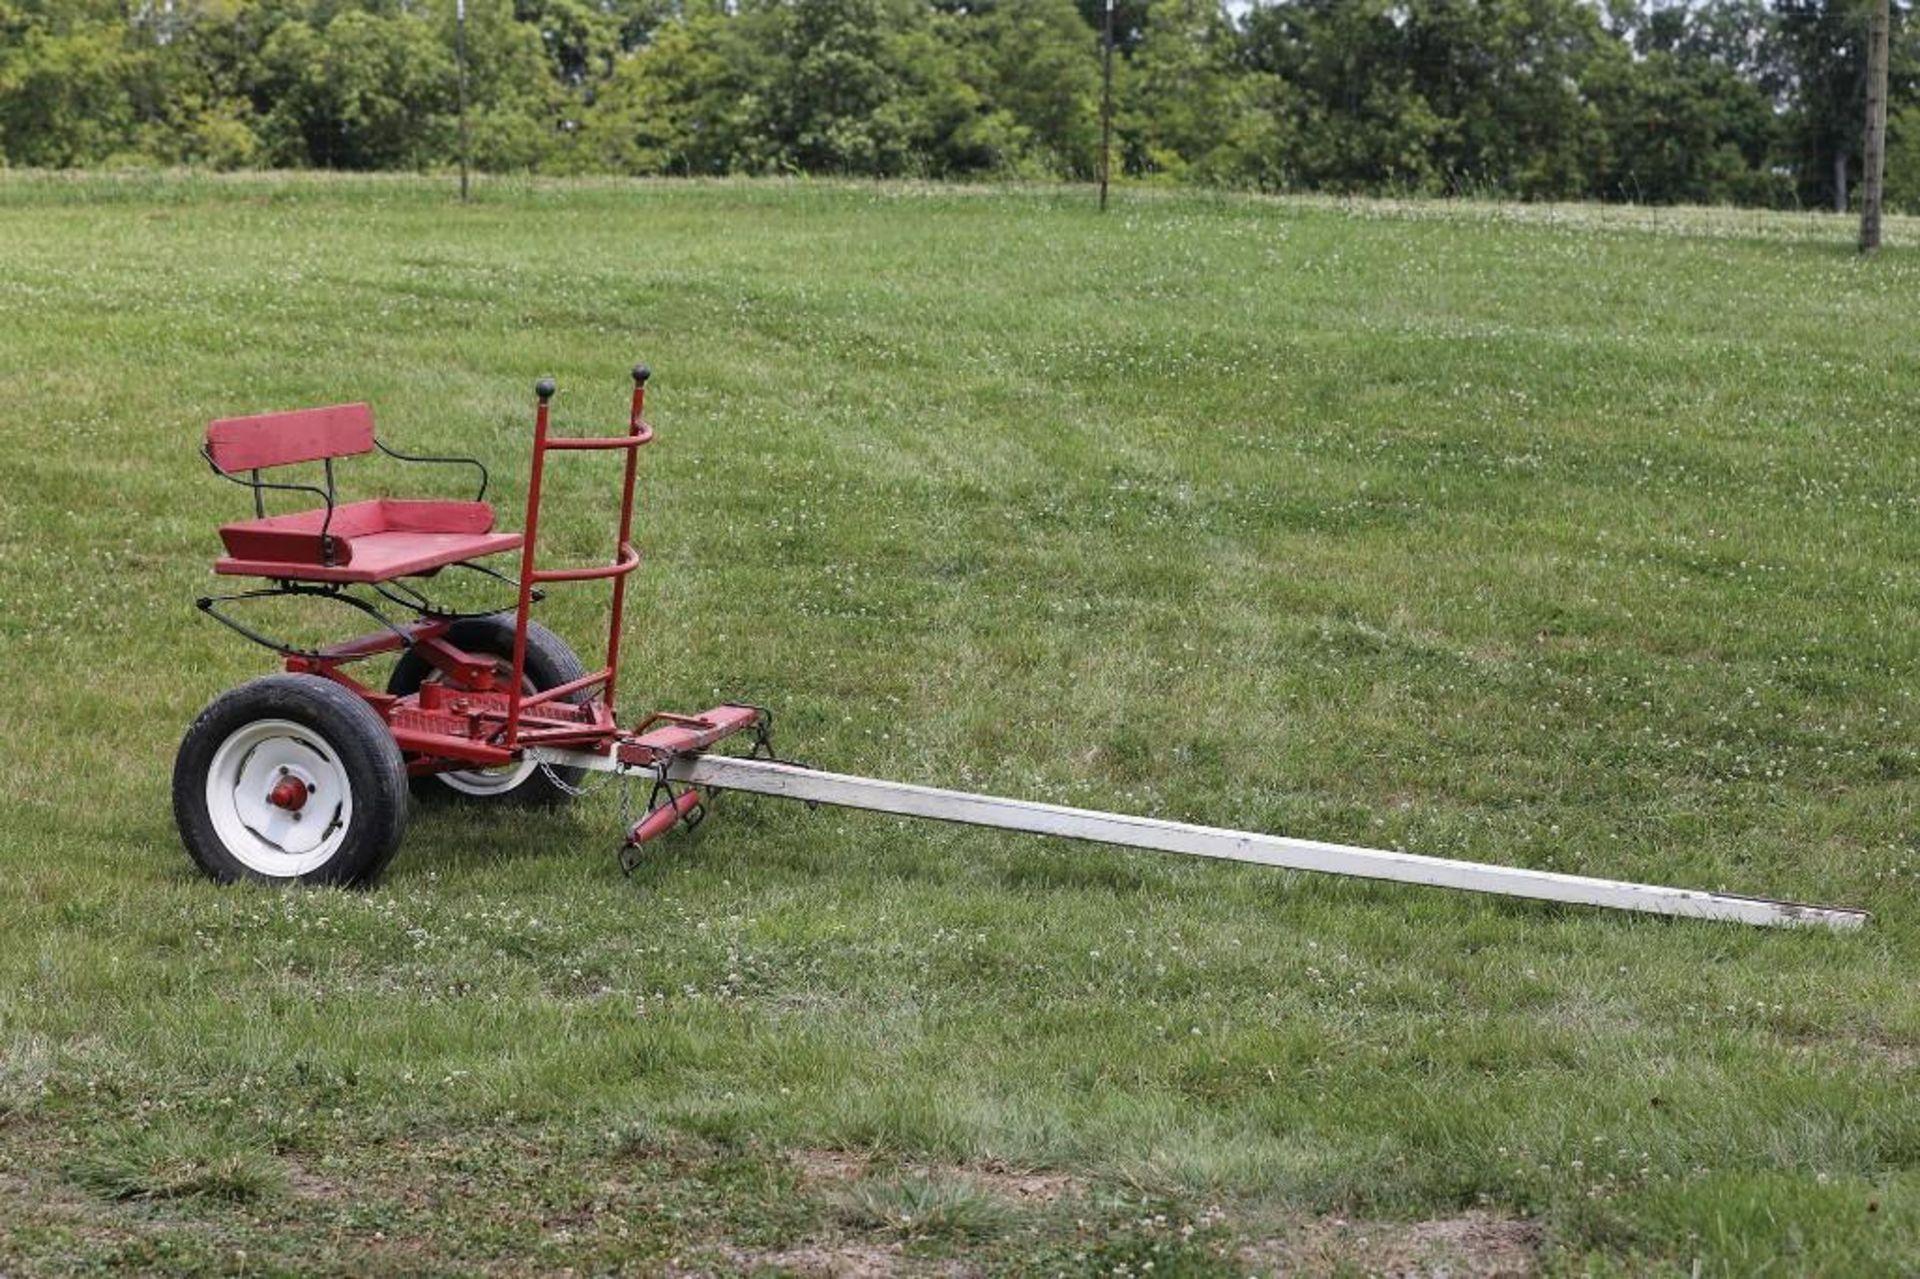 2-Wheel Pioneer Fore Cart - Image 2 of 2